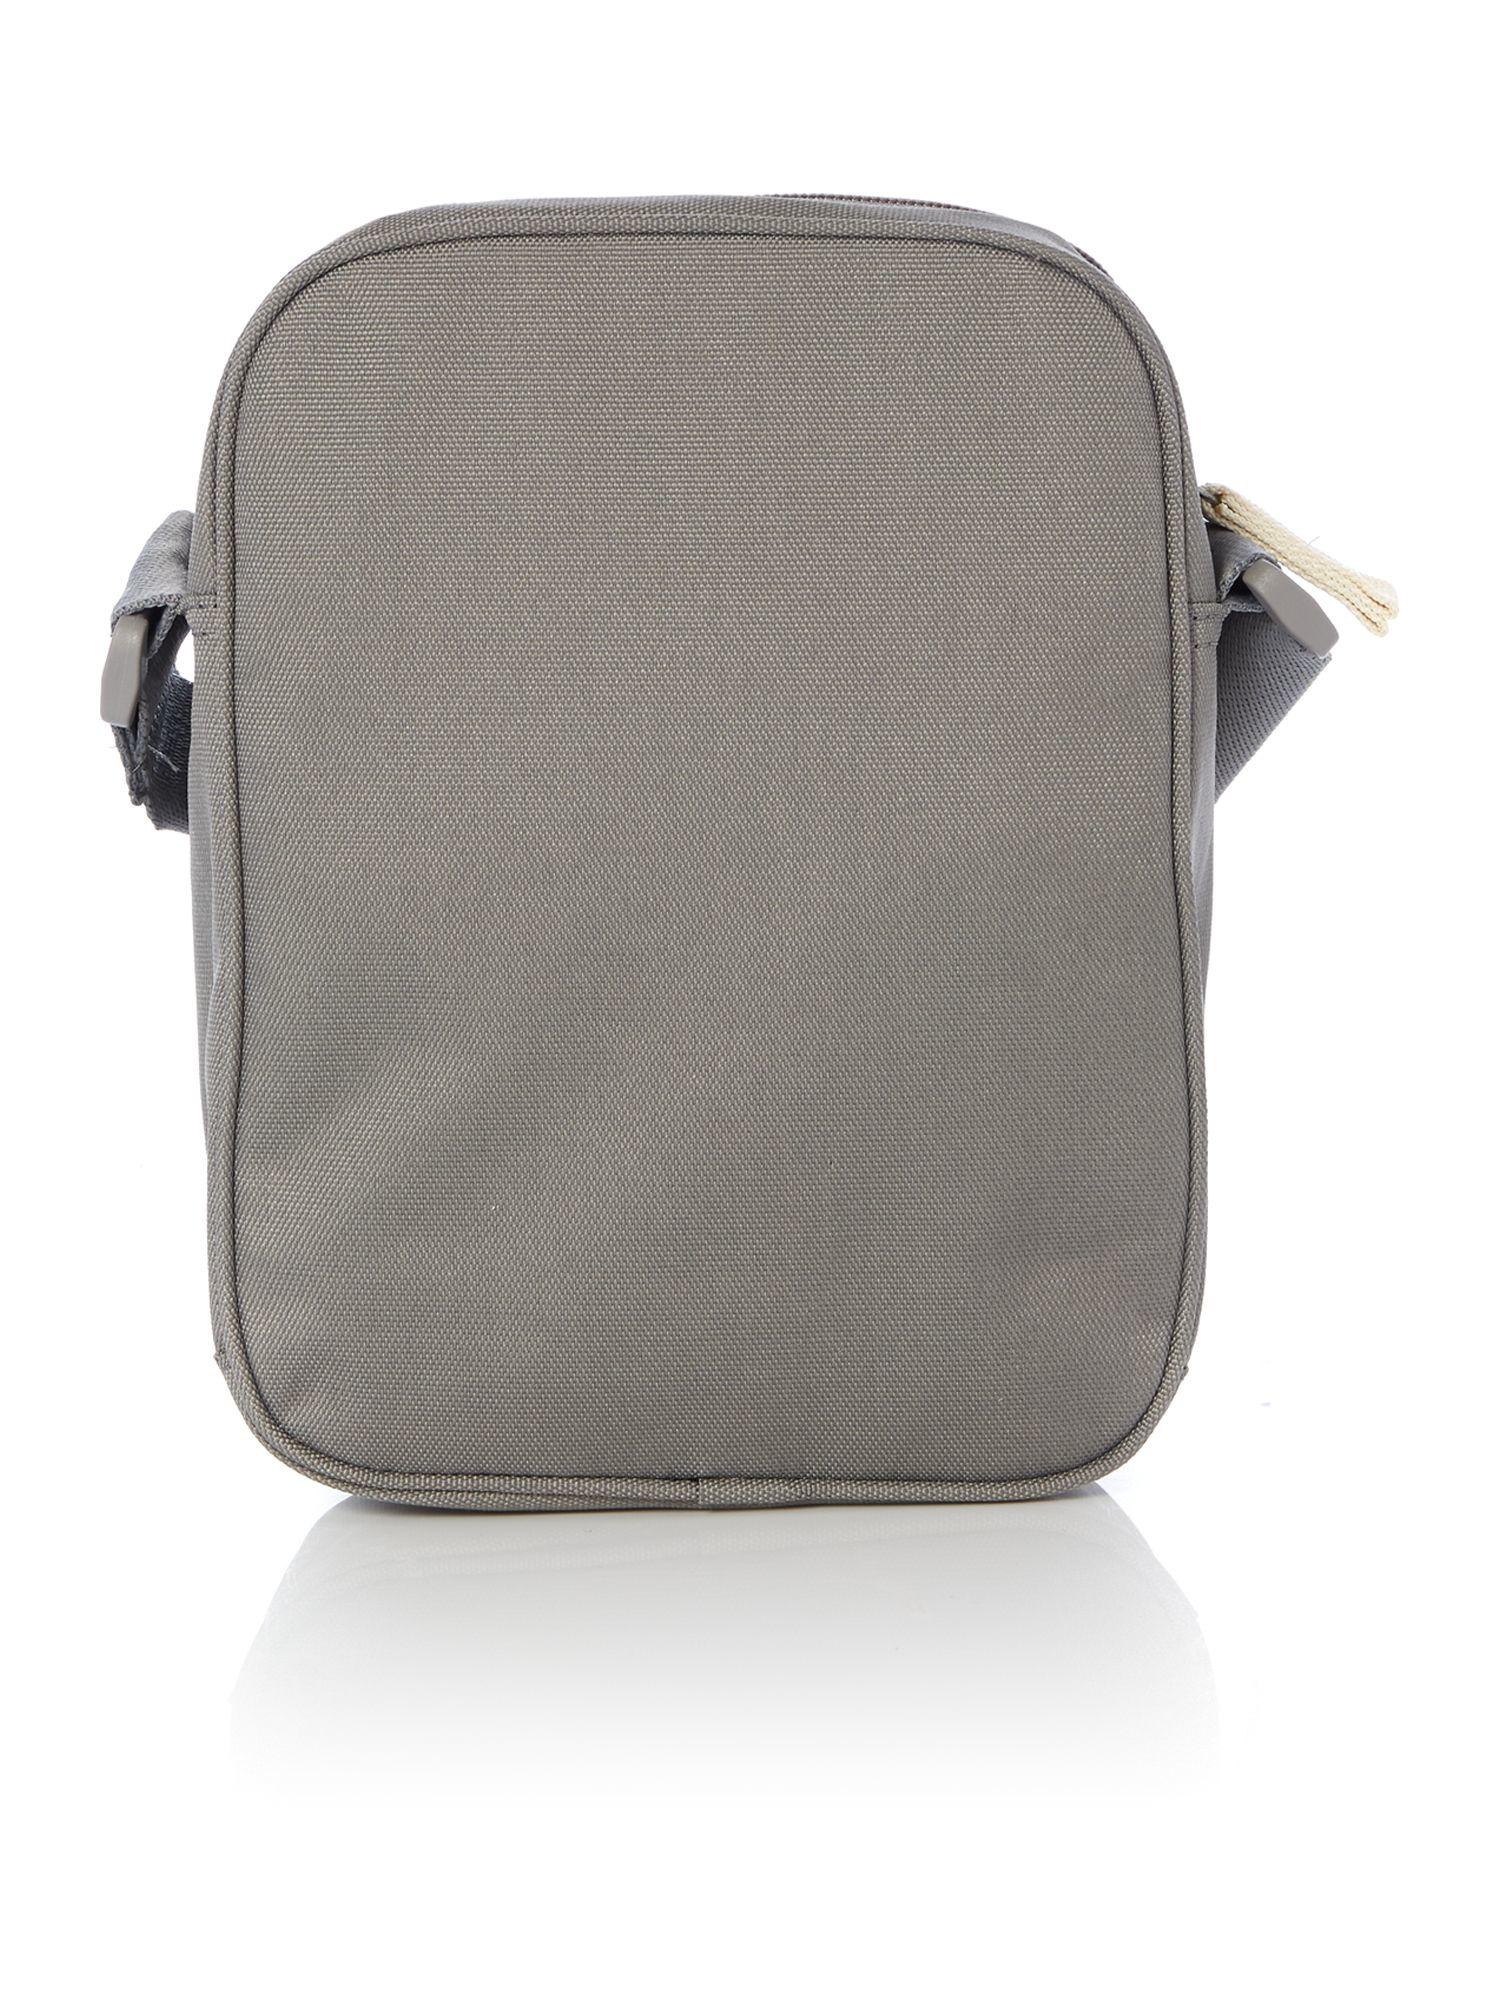 Converse Crossbody Bag in Grey (Grey) for Men